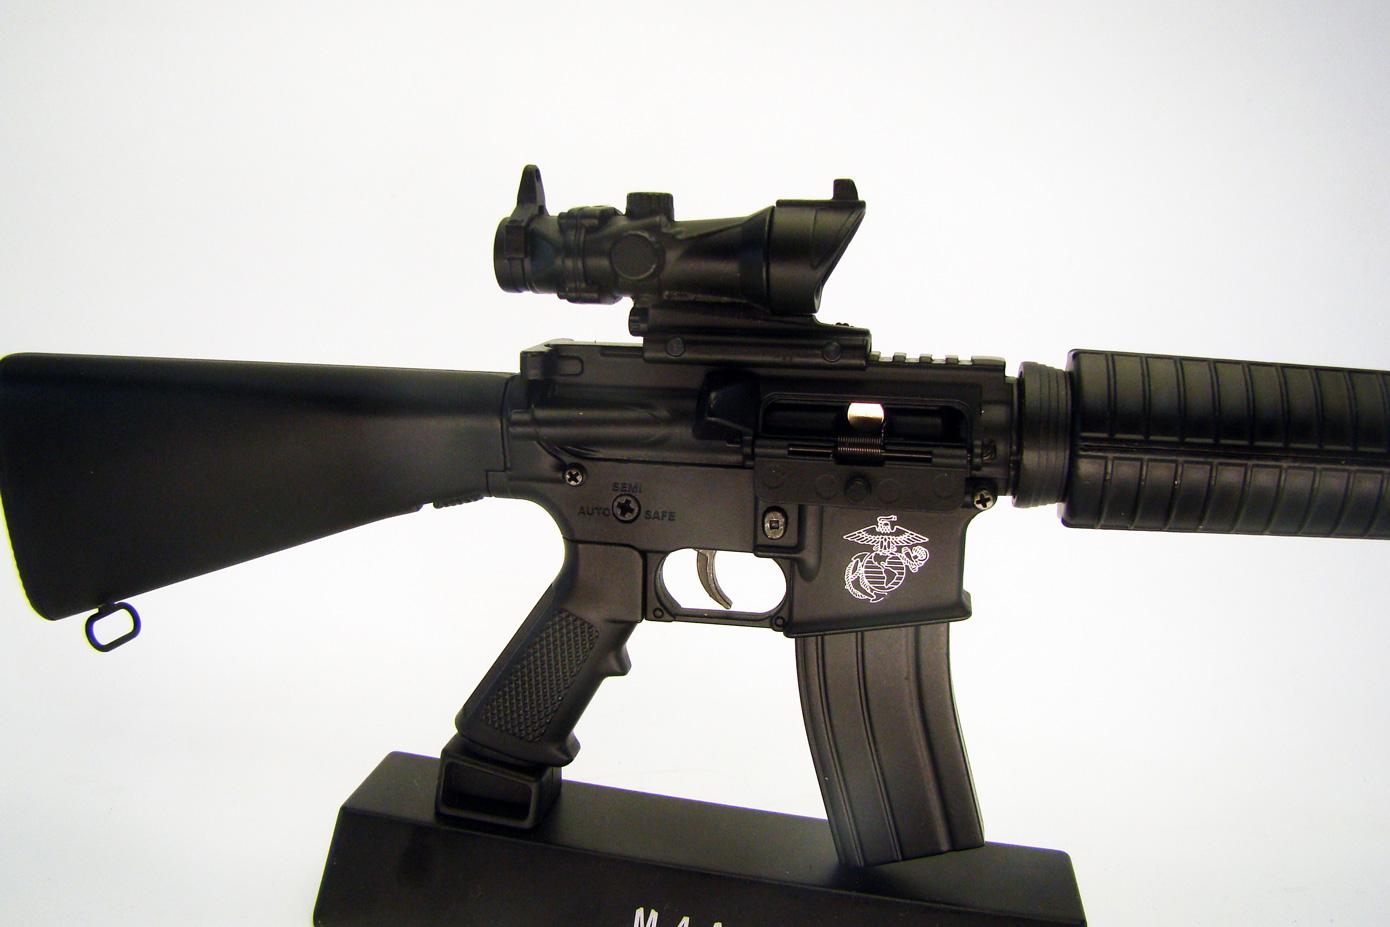 Colt AR15 изображение 0